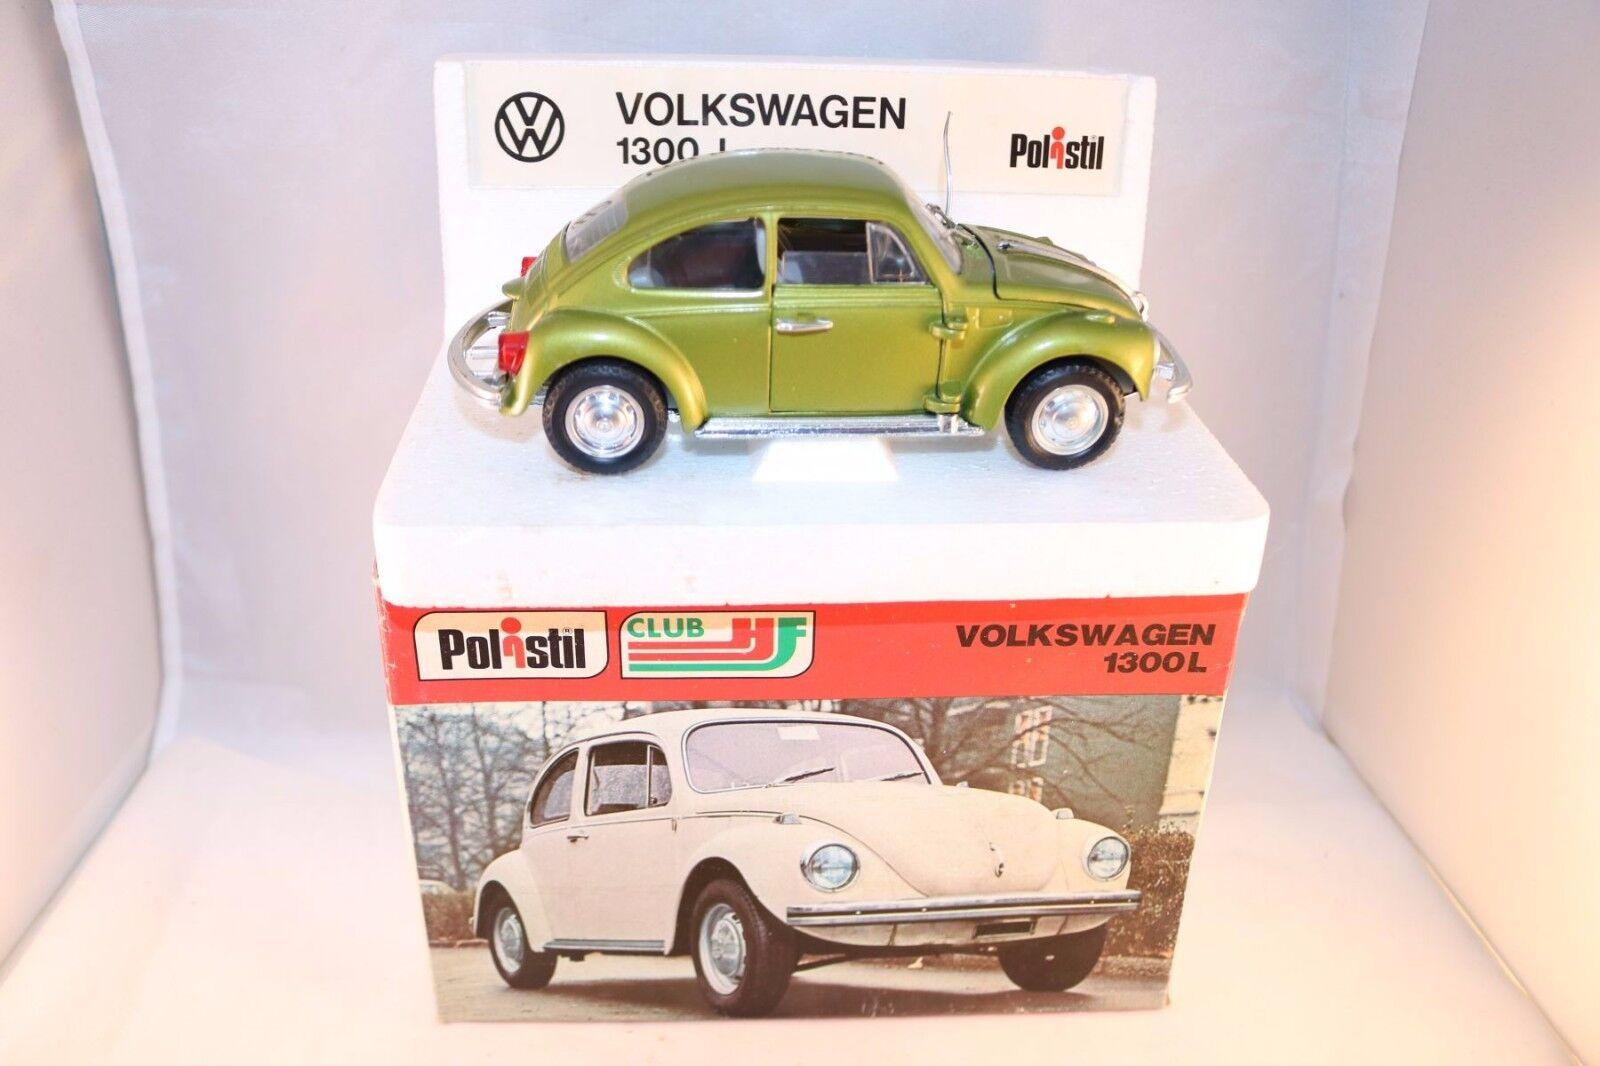 varios tamaños Polistil S42 S42 S42 S 42 Volkswagen 1300L 99.9%  mint in box 1 25 selten raro rare  Ahorre 60% de descuento y envío rápido a todo el mundo.